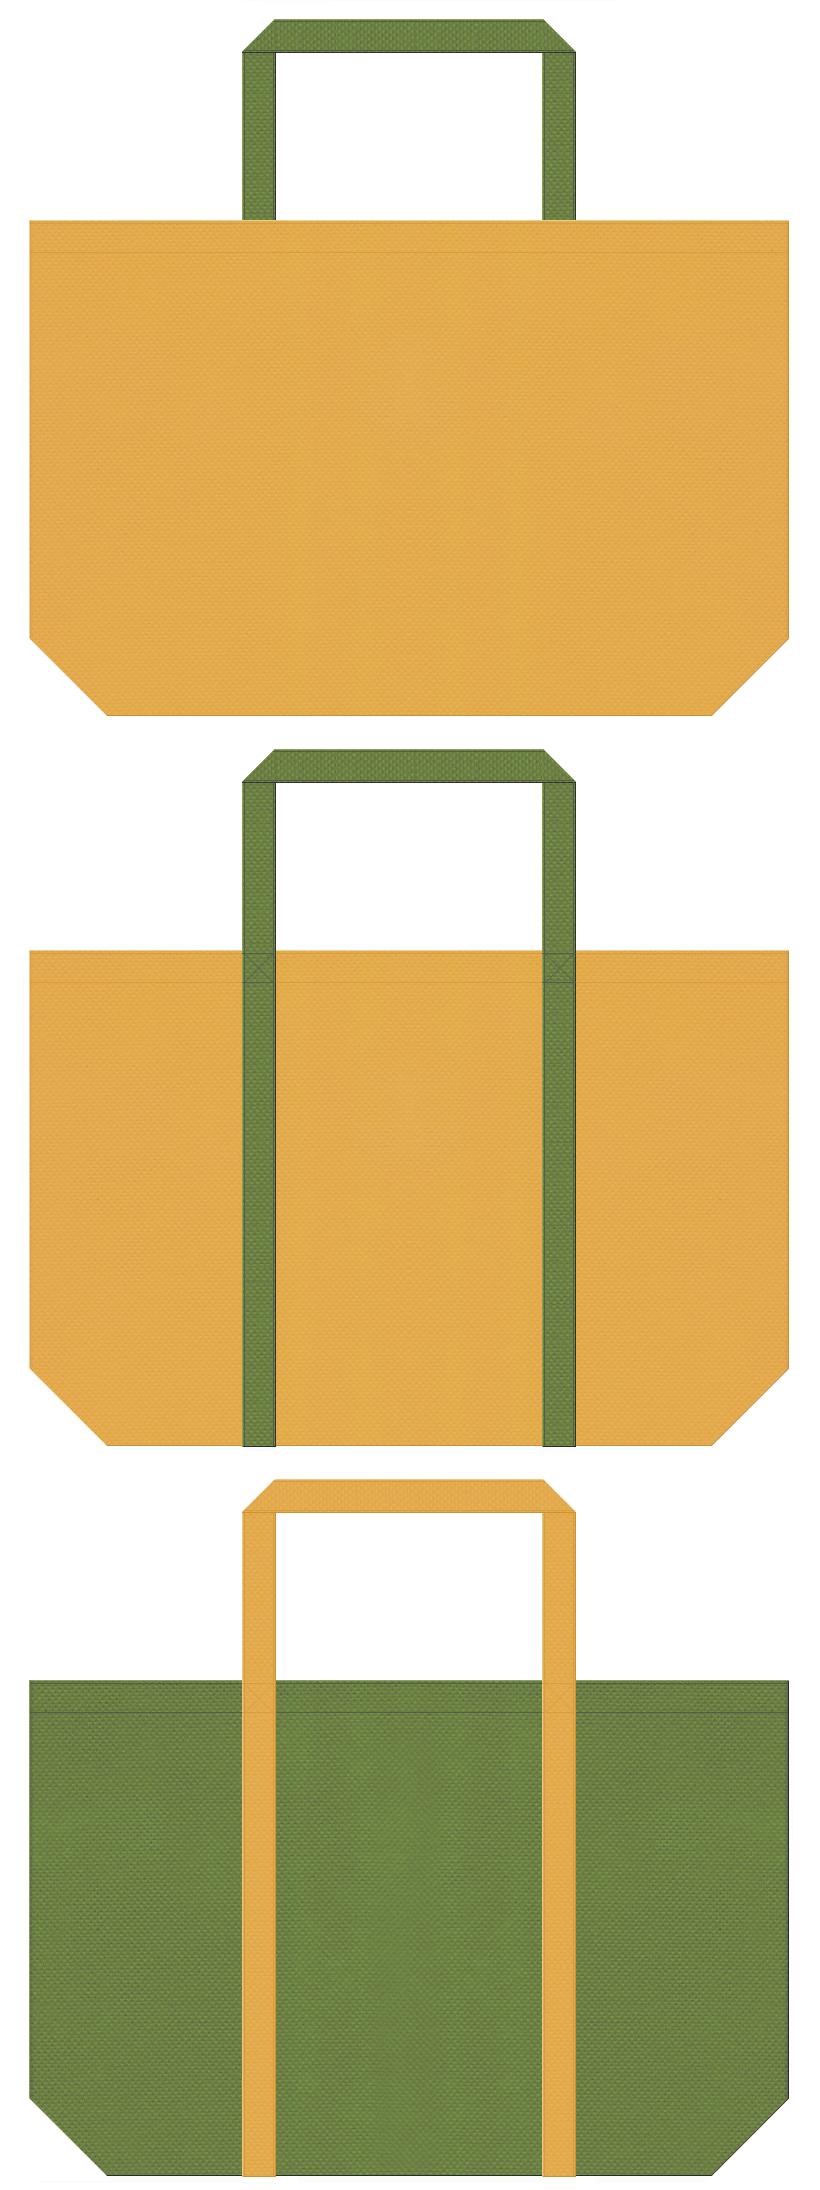 安土桃山時代・江戸時代・屏風・襖絵・樽・桶・和風催事・漬物・老舗・和菓子・民芸品のショッピングバッグにお奨めの不織布バッグデザイン:黄土色と草色のコーデ